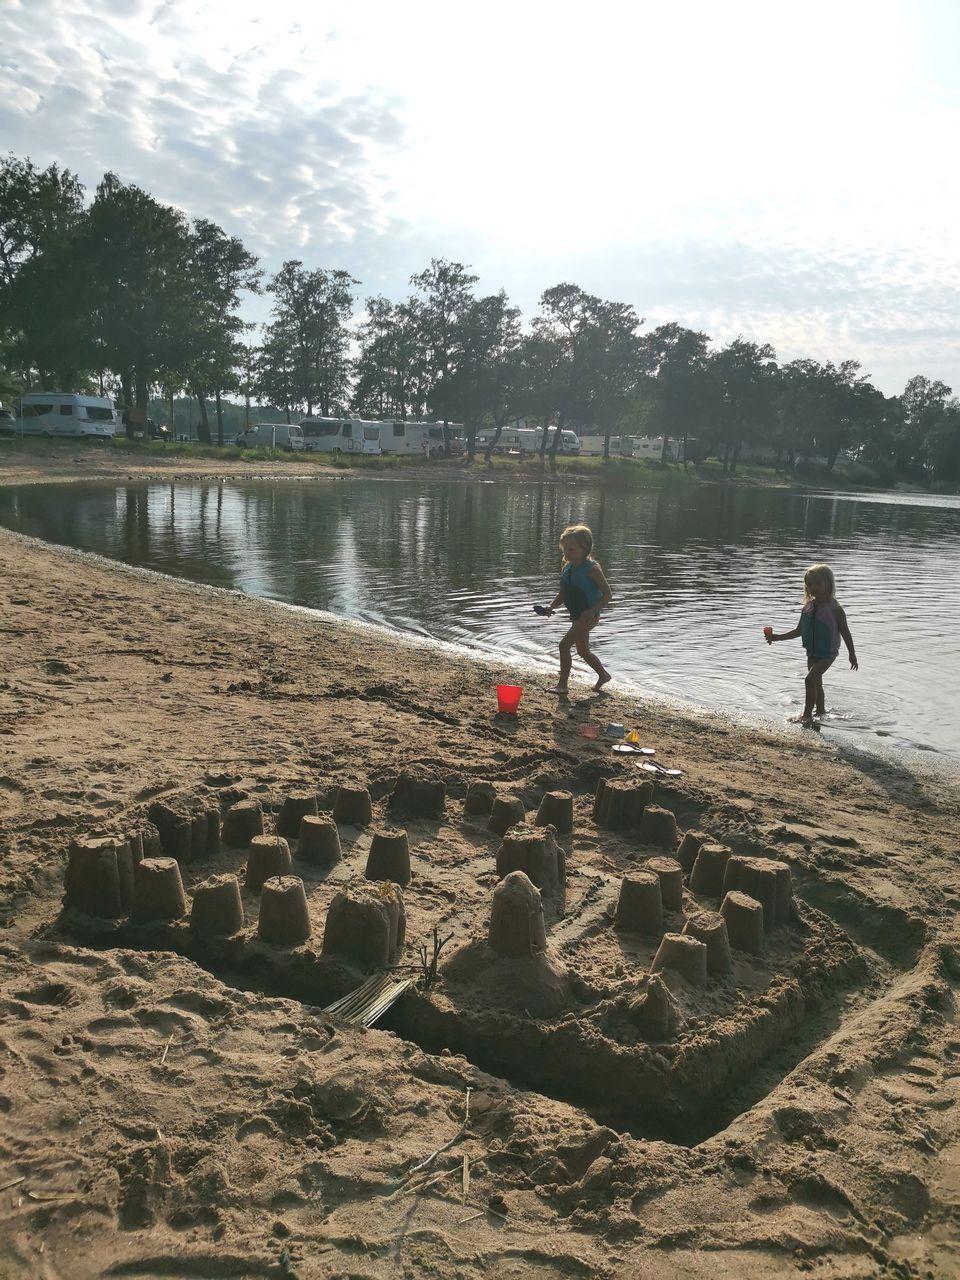 Lapset poroholman uimarannalla leikkimässä.